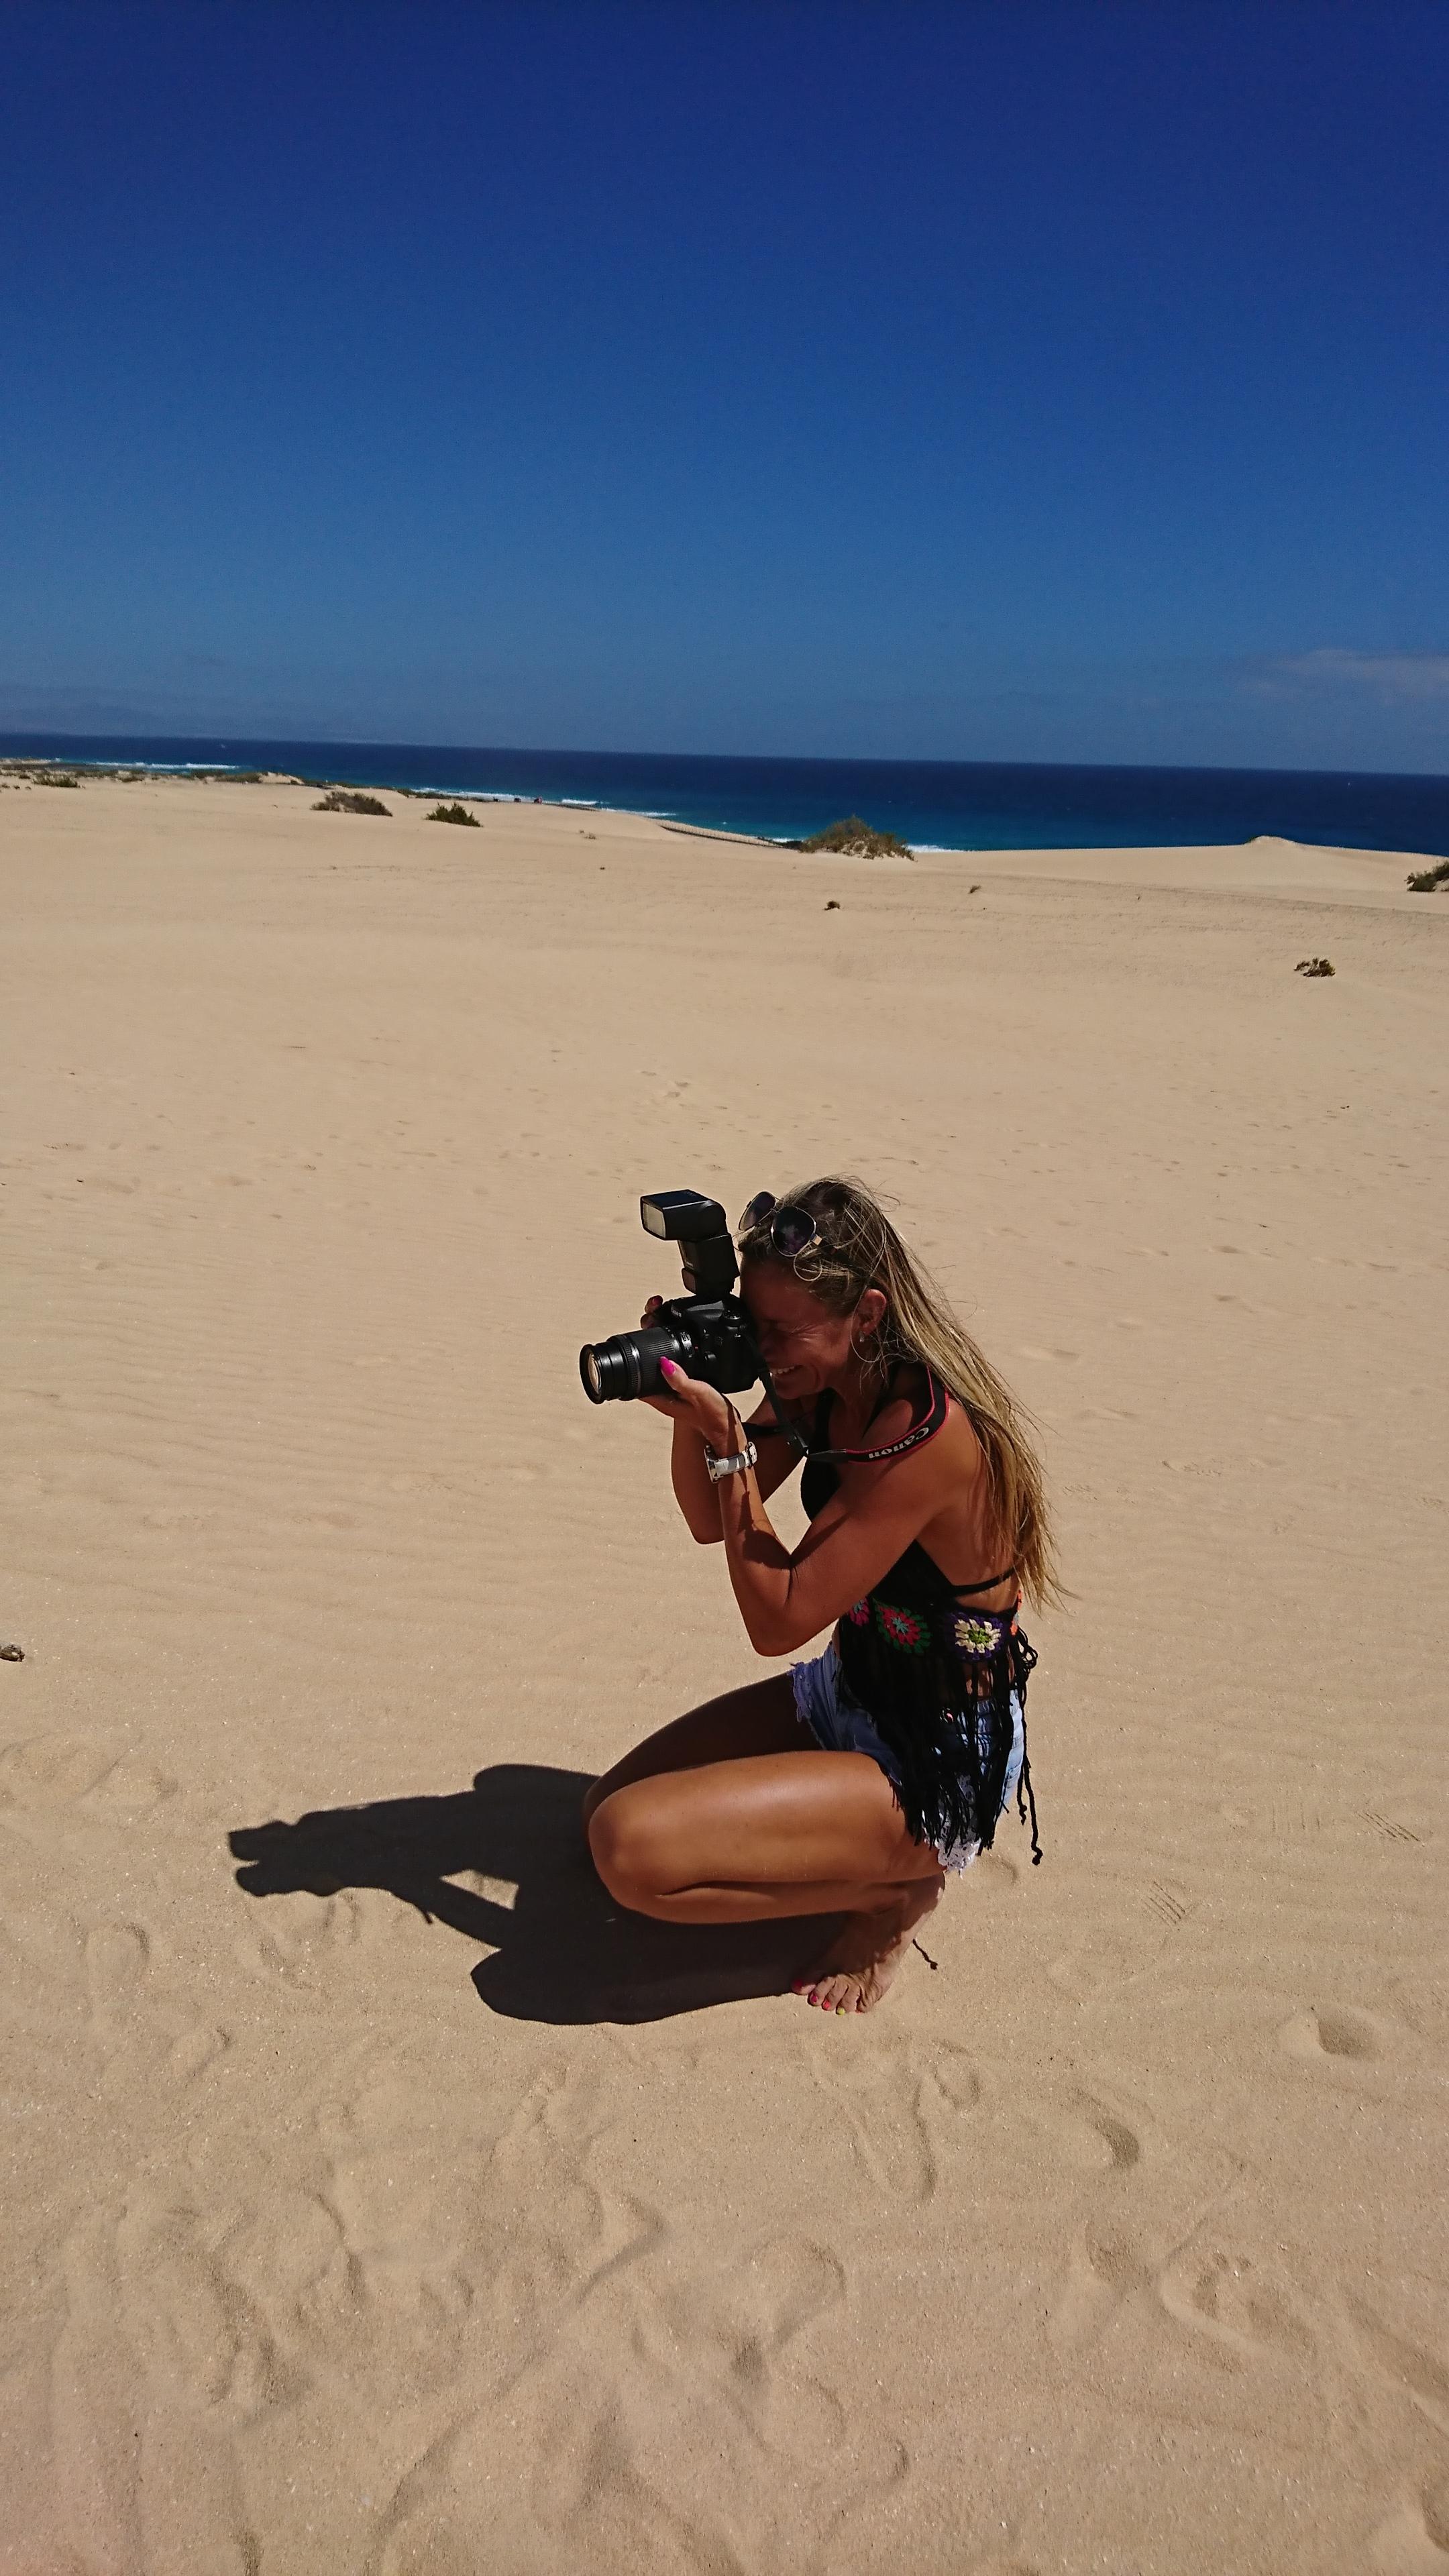 Orsi Mihalyi - Fotofuerteventura - Portfóliófotózás Fuerteventura szigetén!